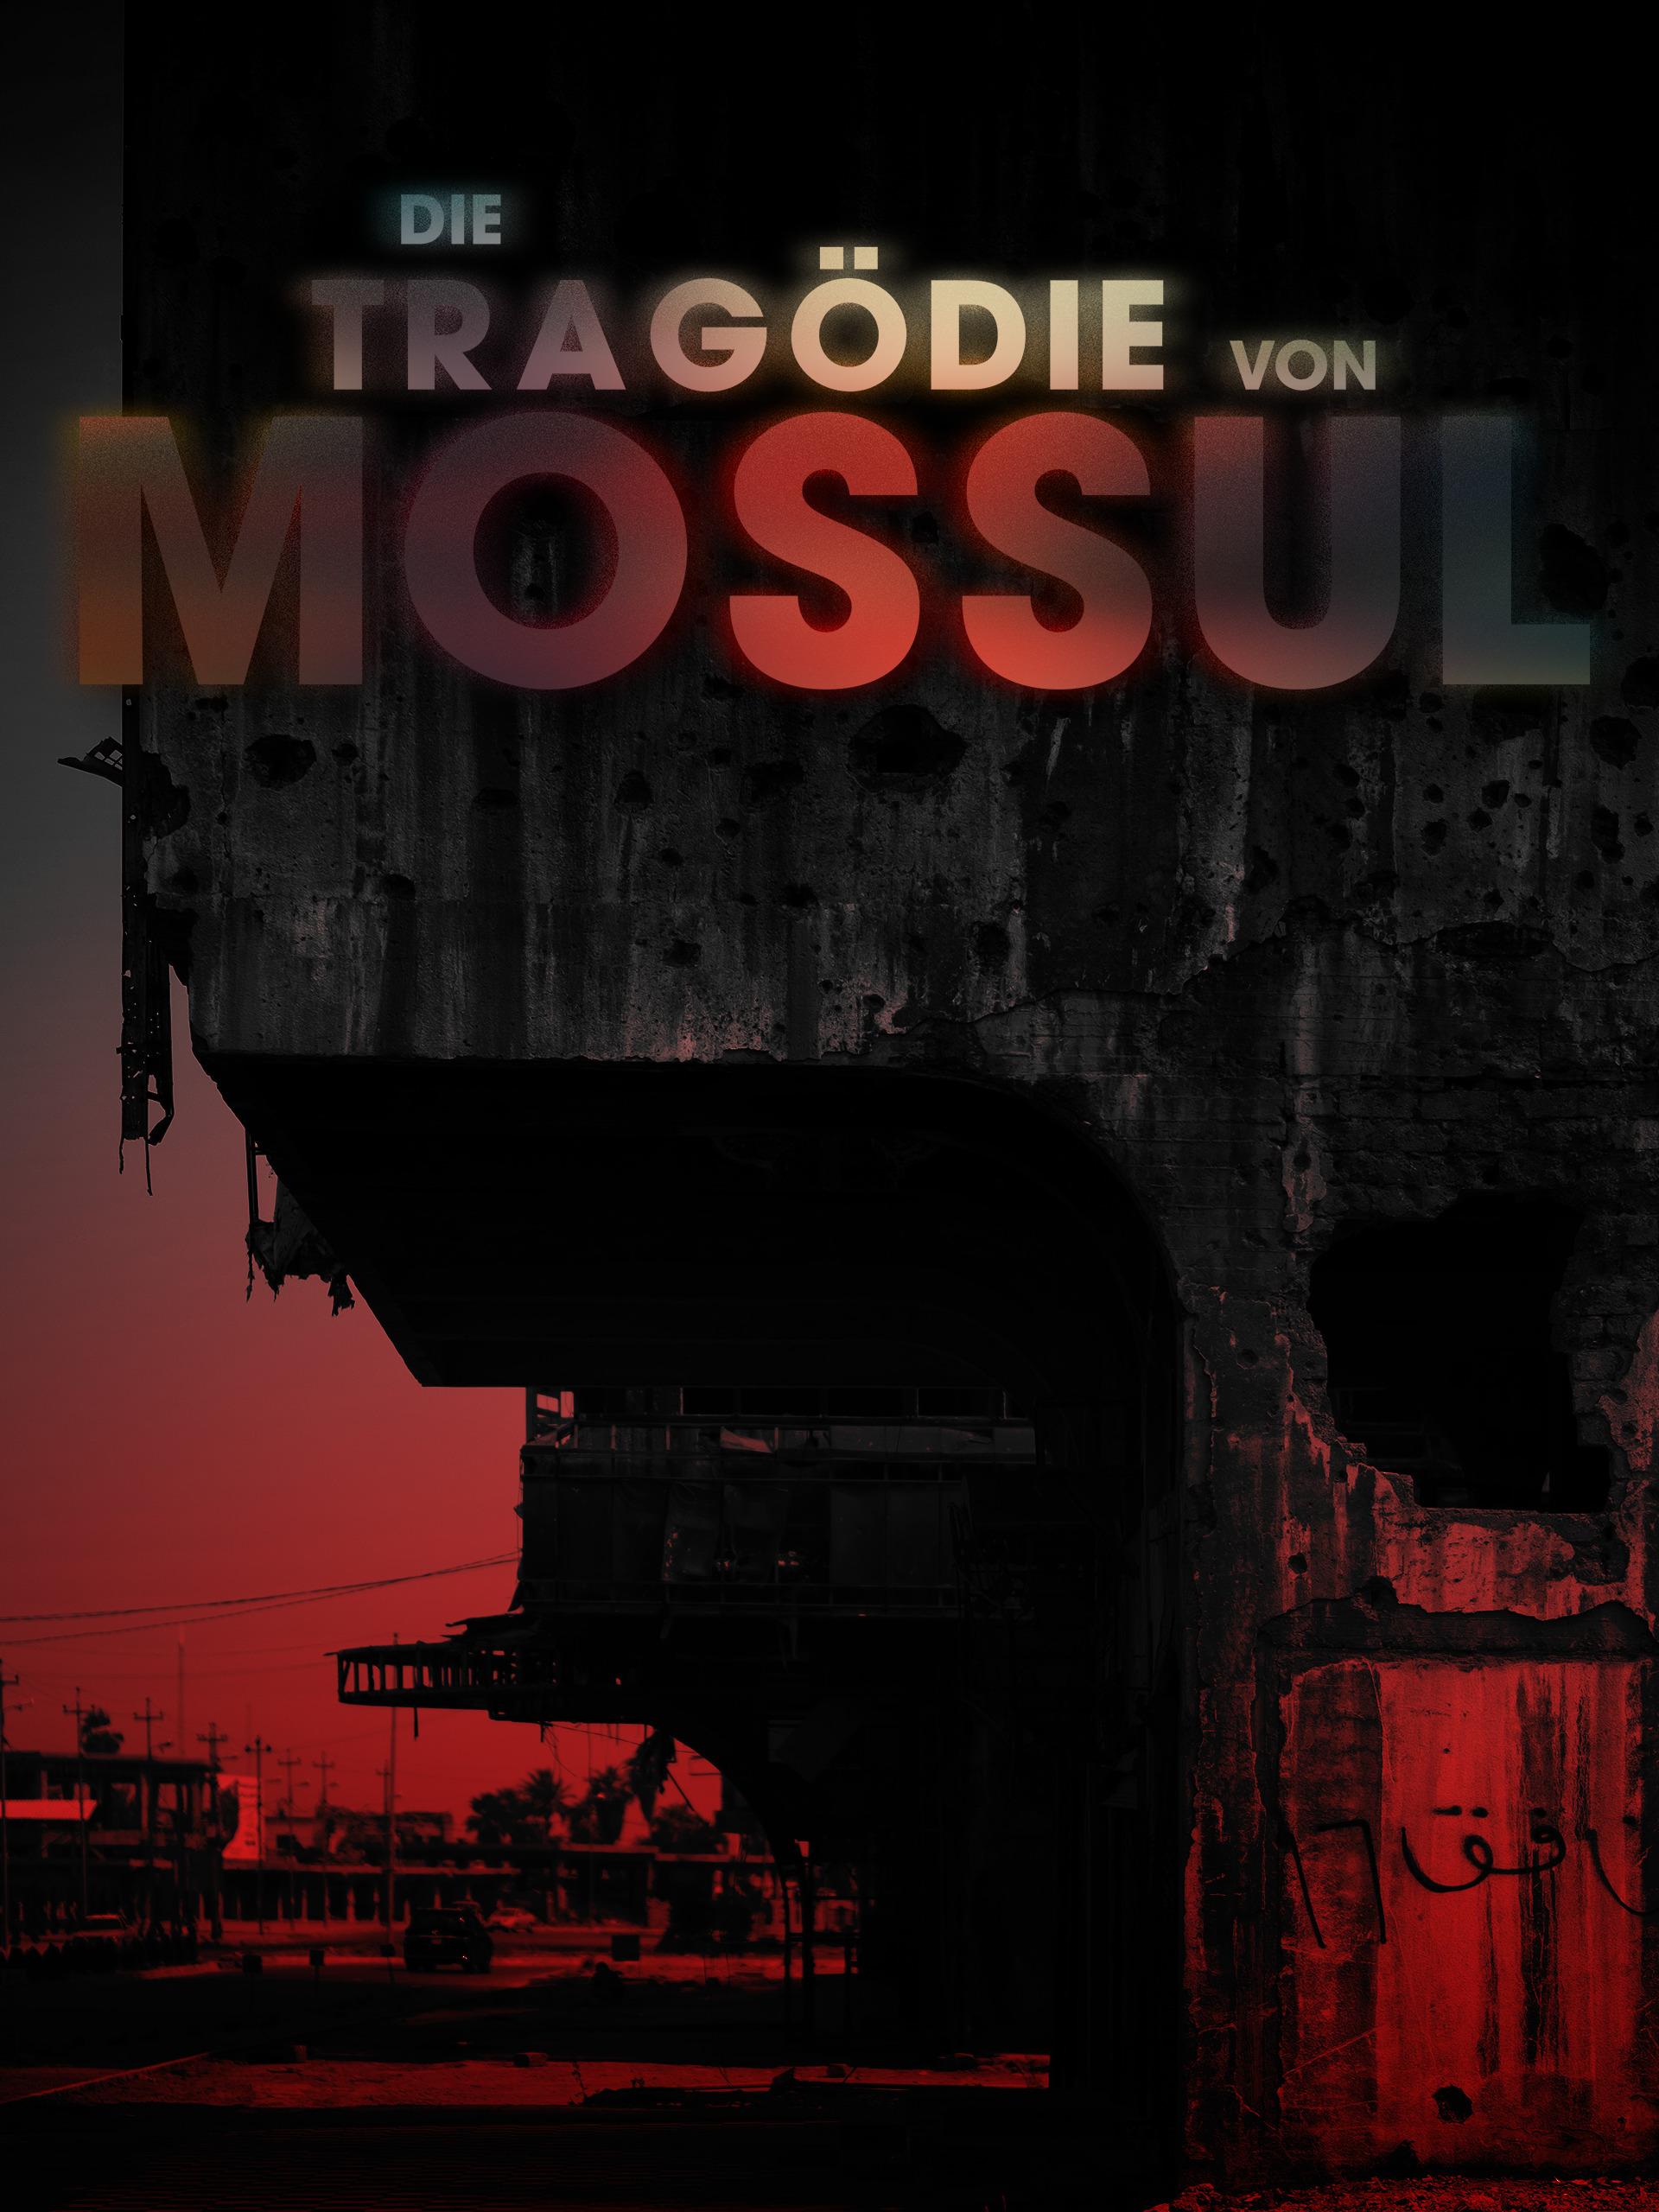 Die Tragödie von Mossul